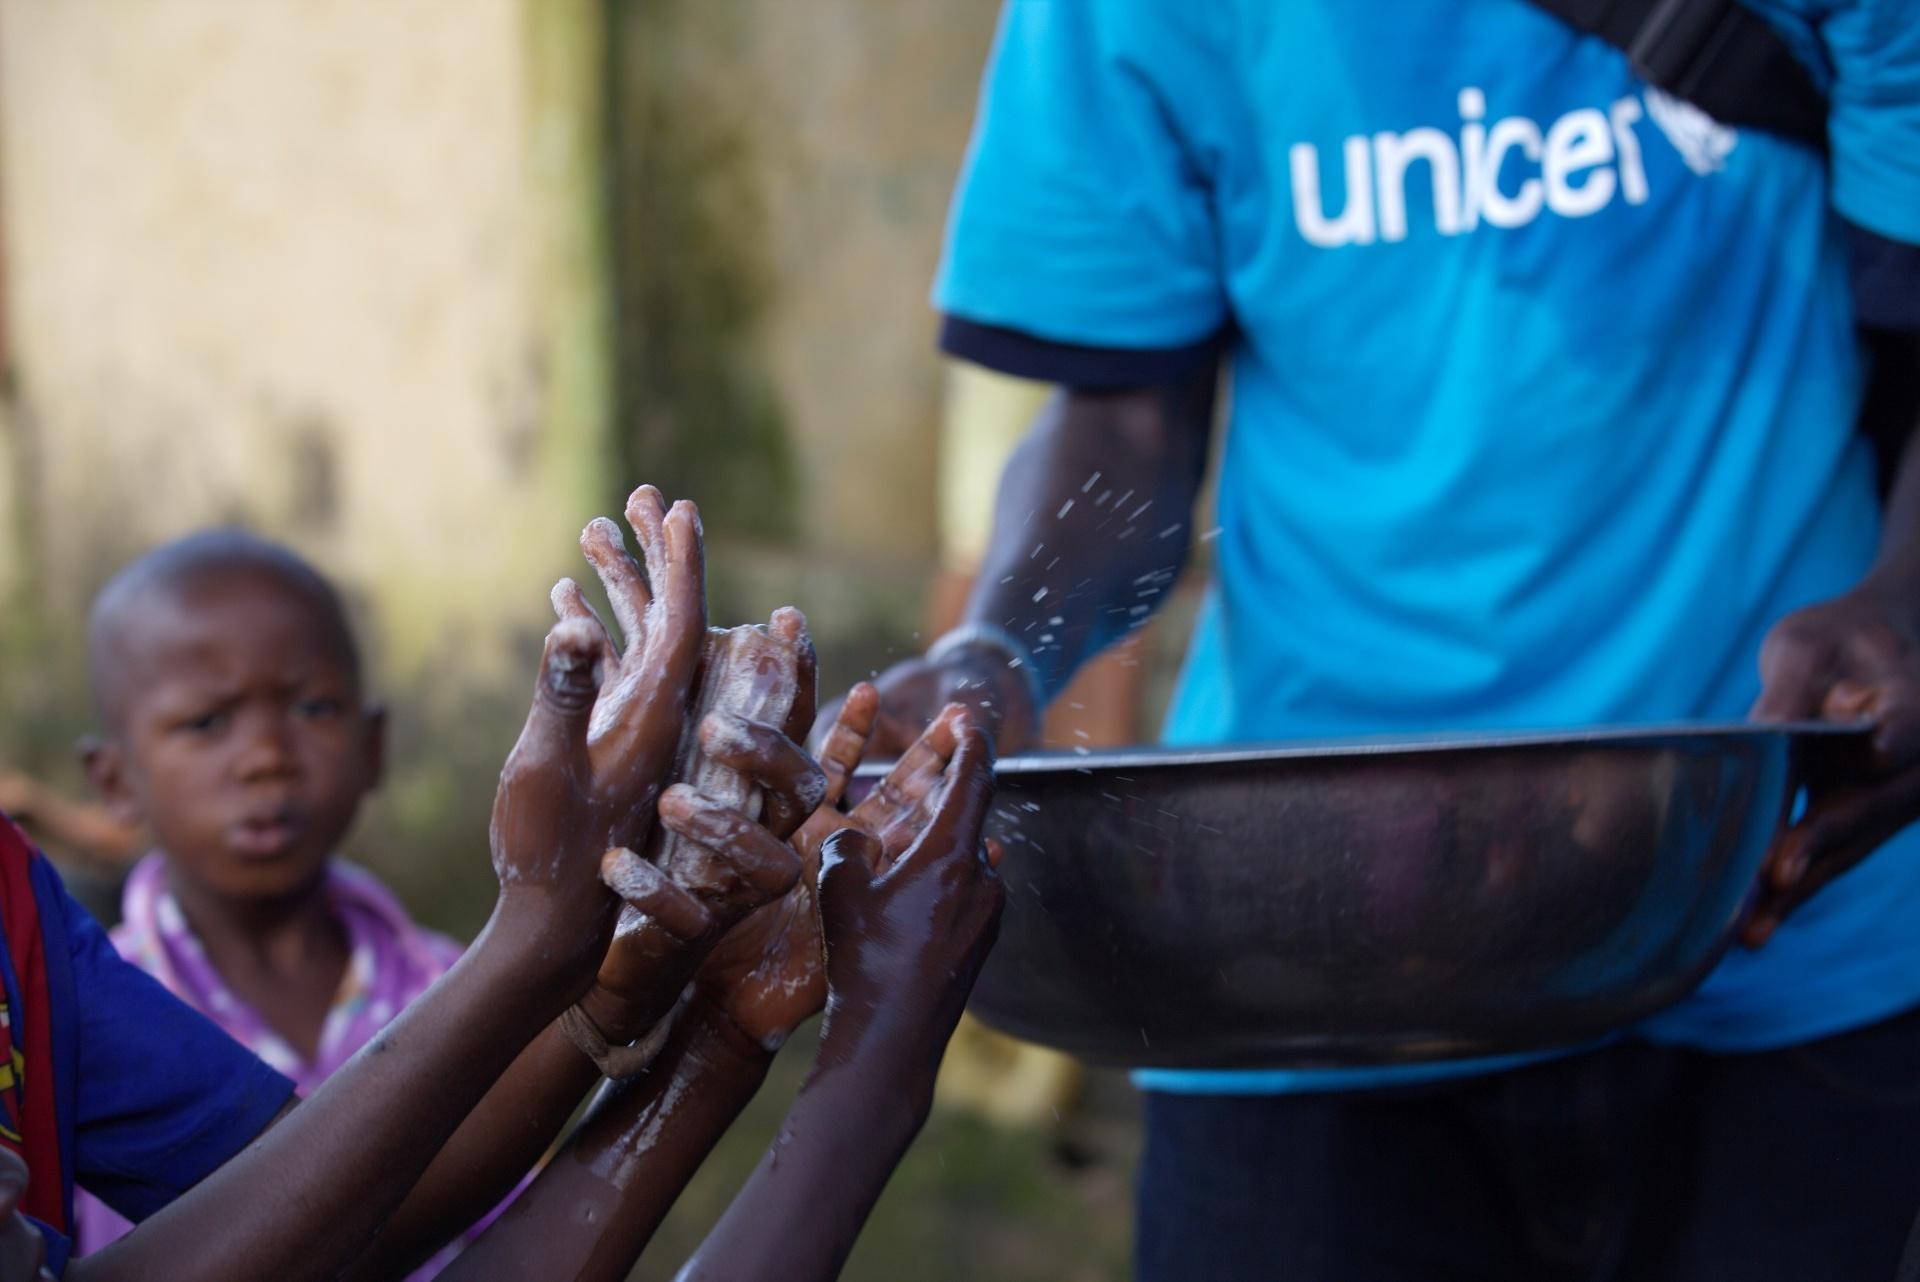 17.set.2014 - Agente de saúde carrega bacia de água para conscientizar as crianças de que é preciso lavar as mãos para prevenir a propagação do ebola, nesta quarta-feira (17), em Conacri, na Guiné. Segundo a OMS (Organização Mundial de Saúde), o número de casos da doença na África Ocidental pode dobrar a cada três semanas e acabar custando quase US$ 1 bilhão para conter a crise